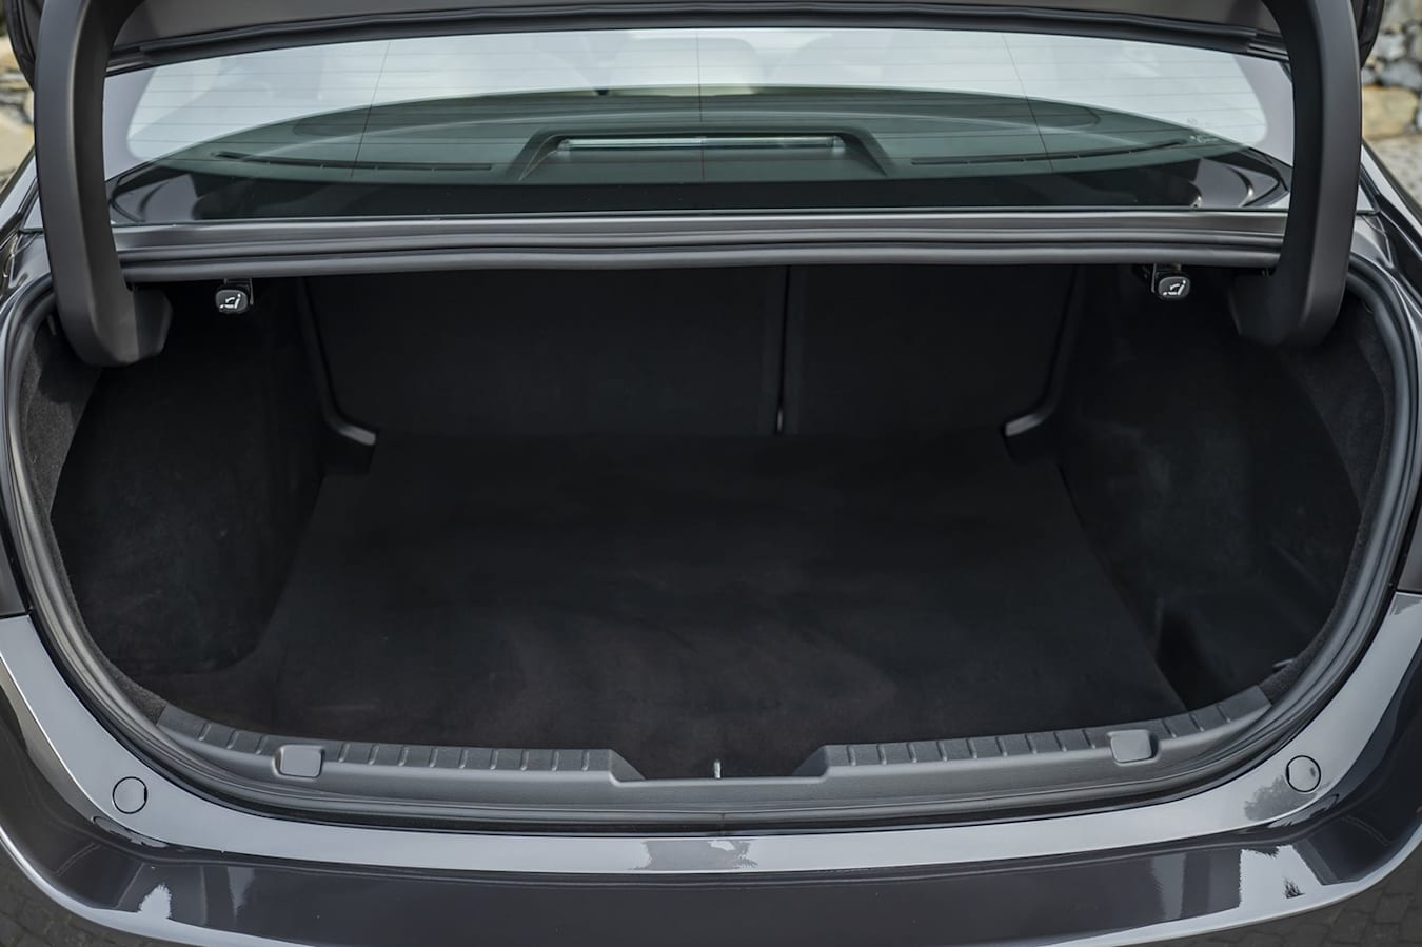 Mazda 3 sedan boot